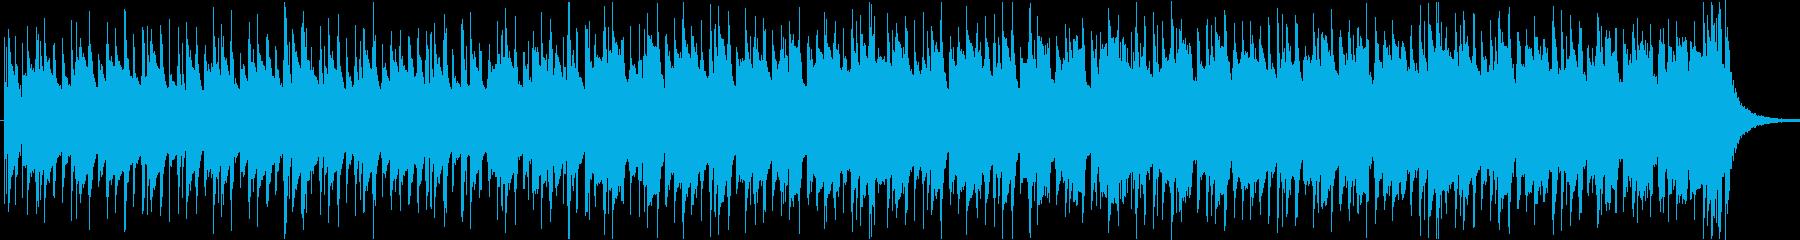 軽快爽やか楽しい夏ハワイレゲエラテン曲cの再生済みの波形